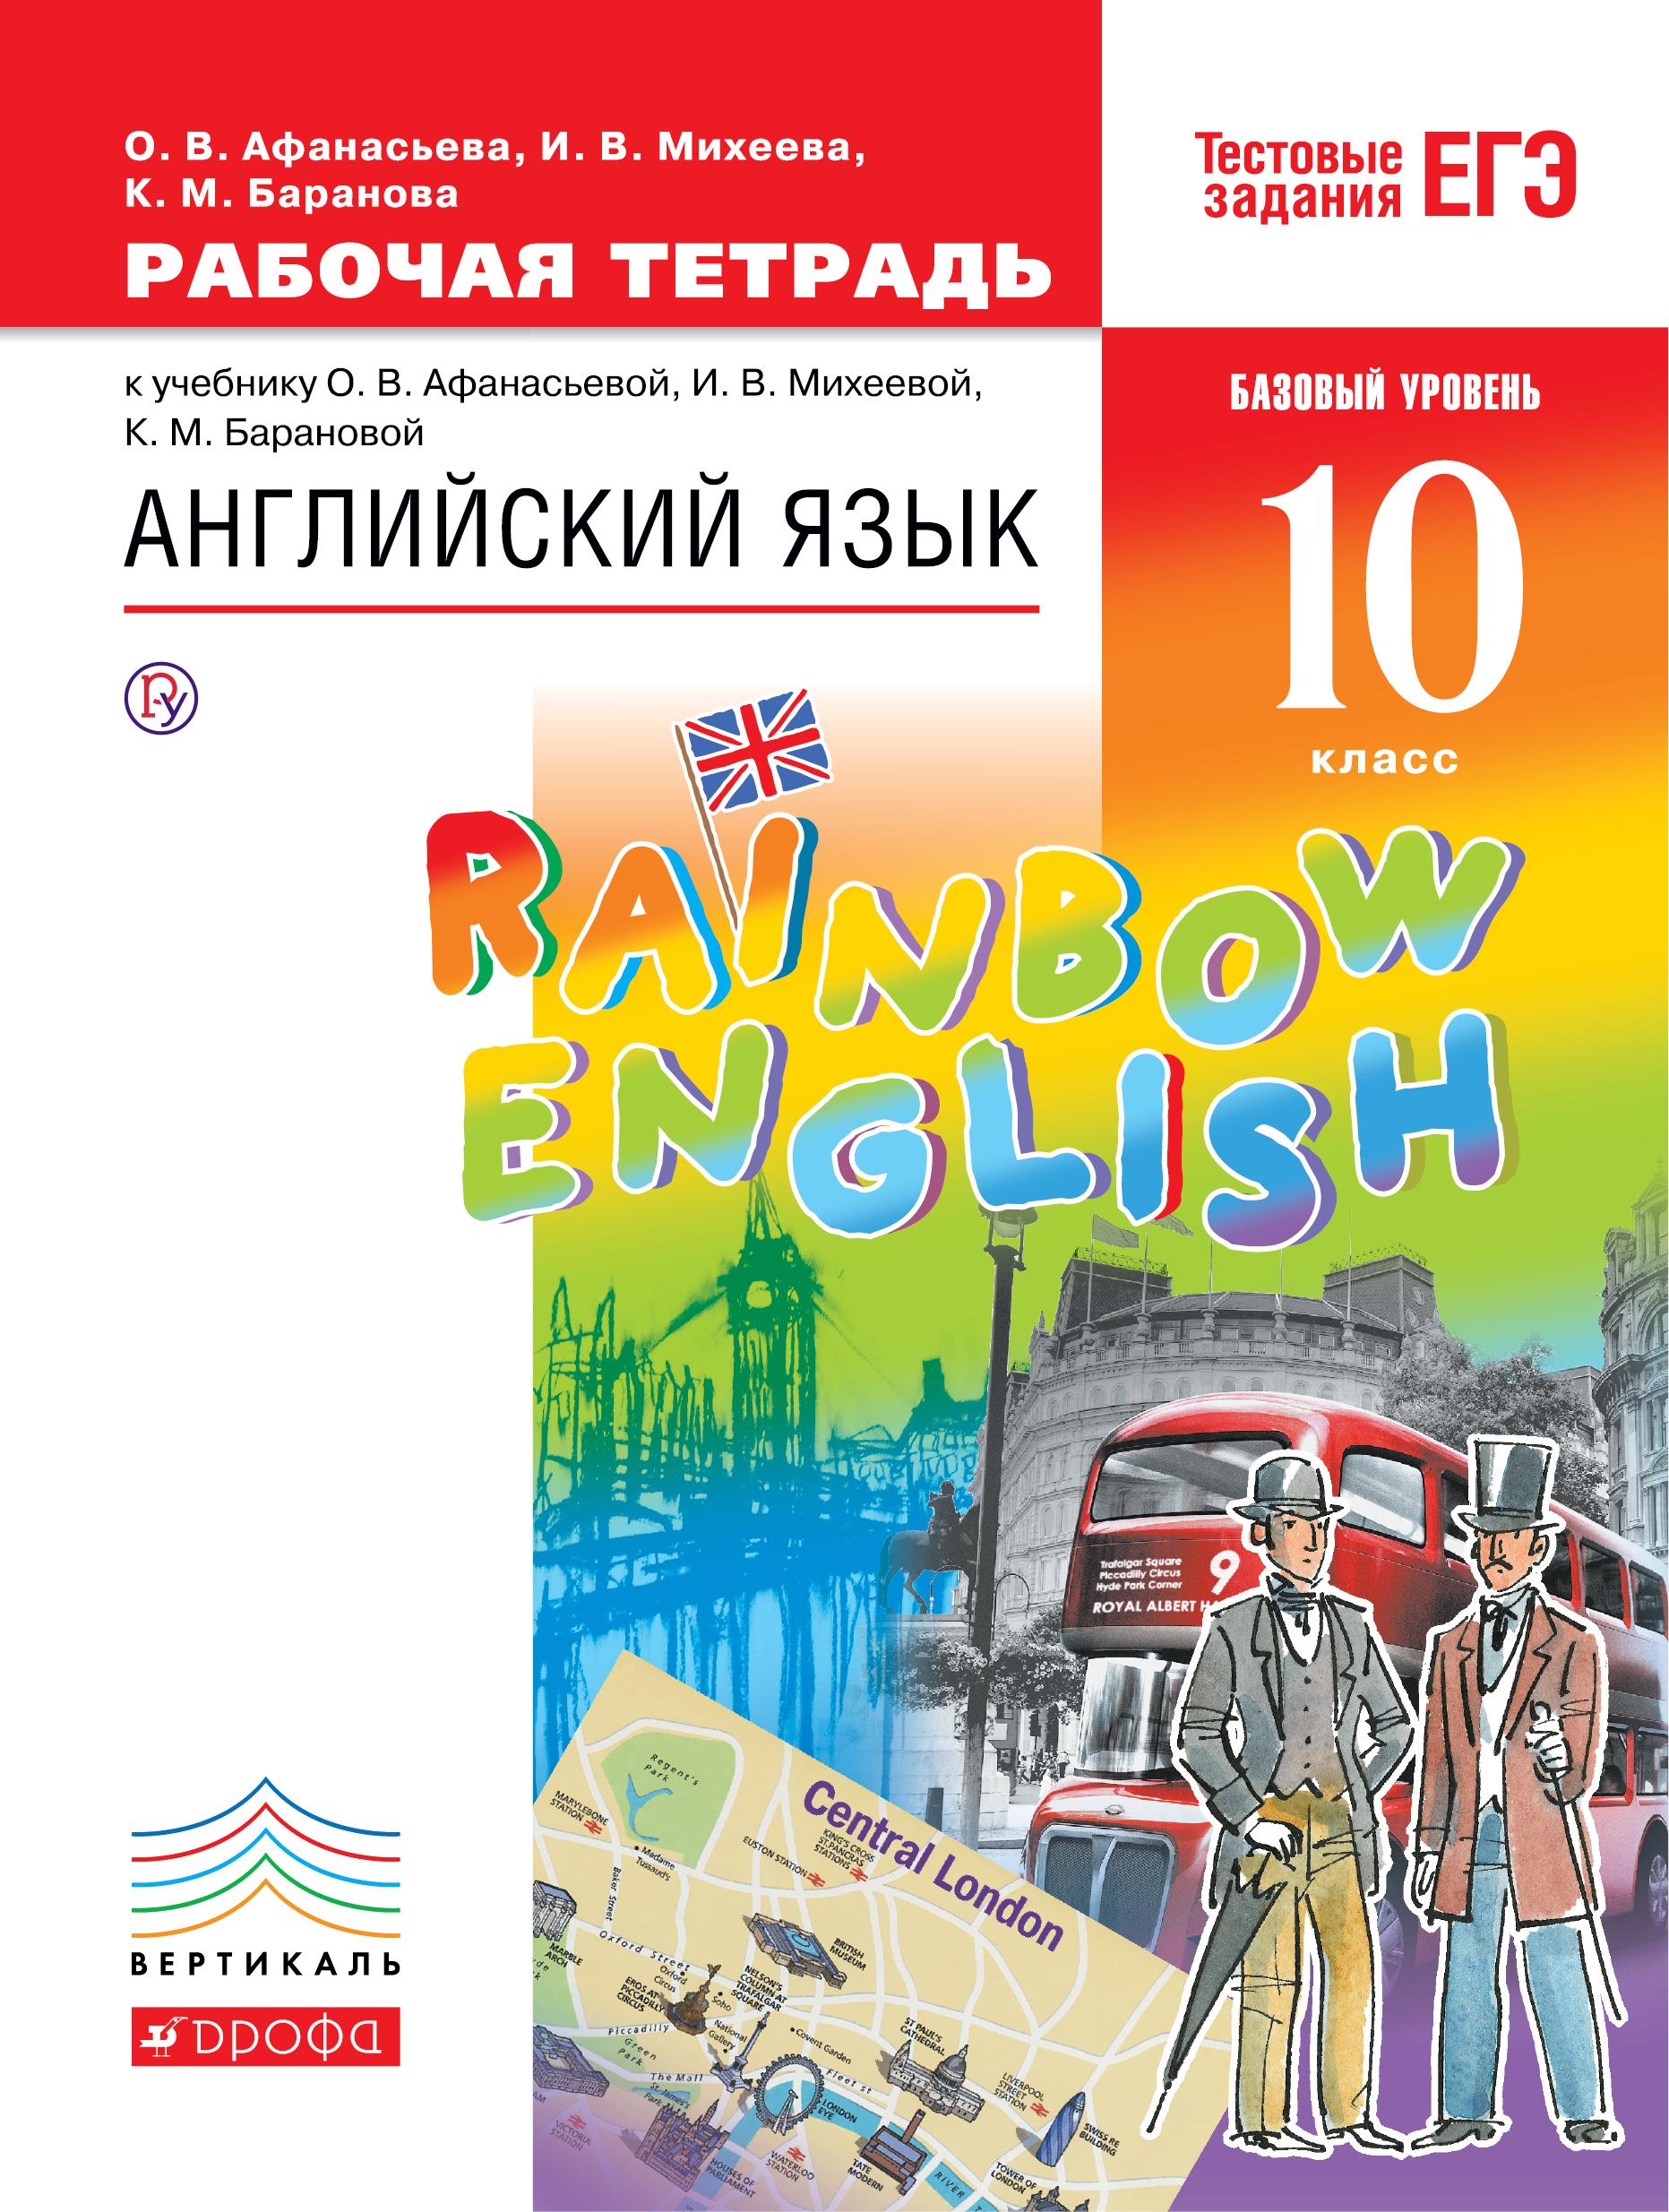 Решебник по курсу английского языка андрианова